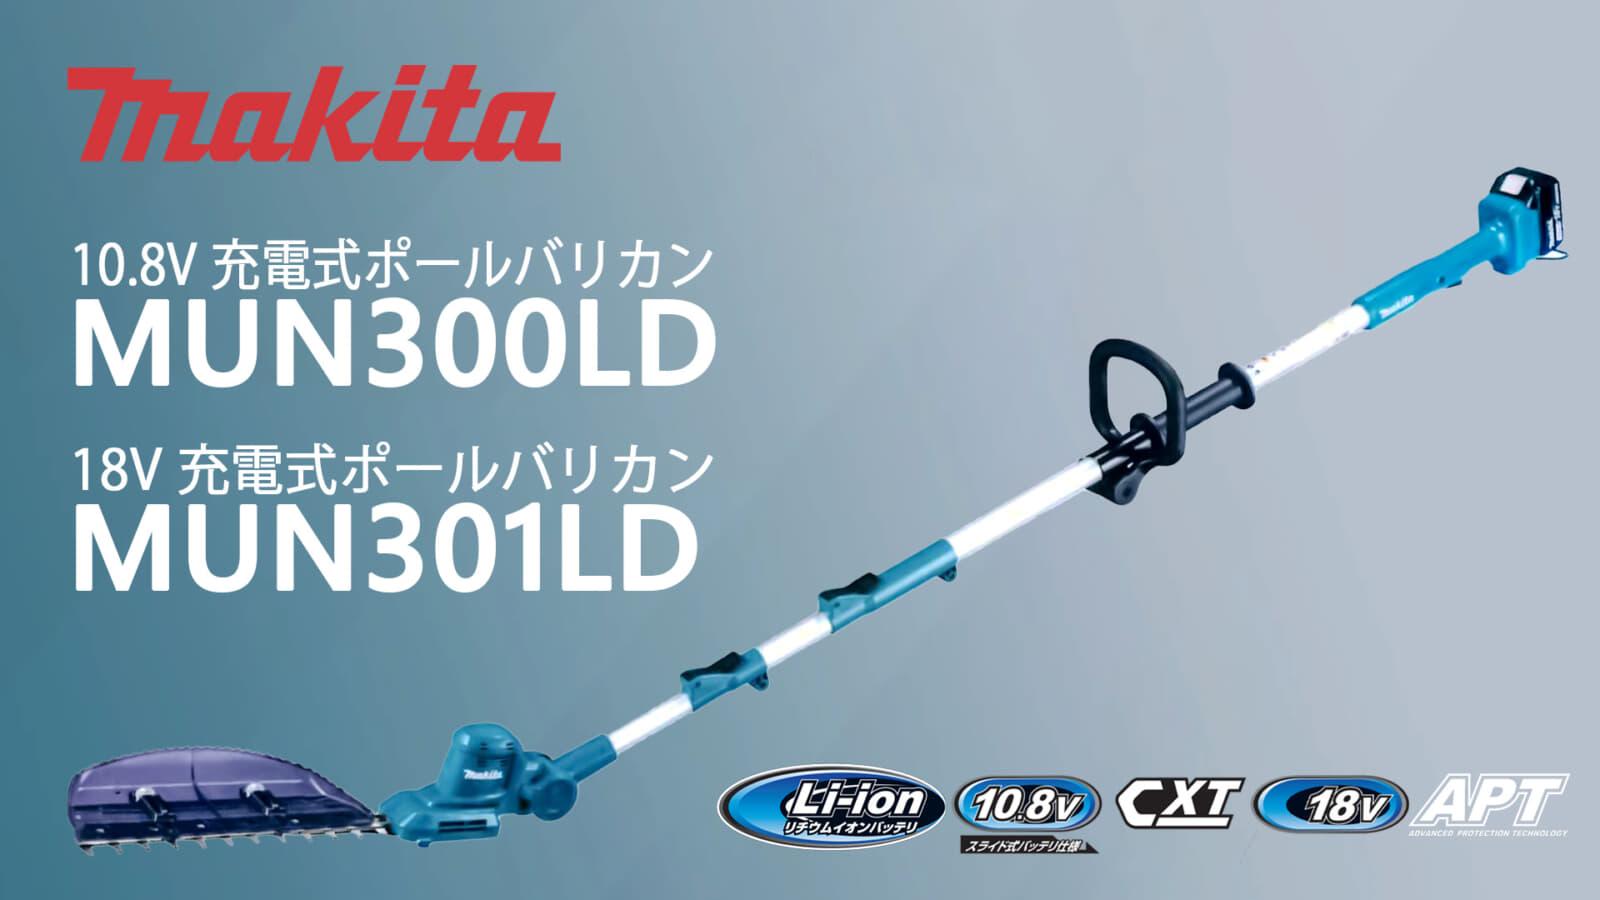 マキタ MUN300LD/MUN301LD 充電式ポールバリカンを発売、最大4mまで届く剪定バリカン